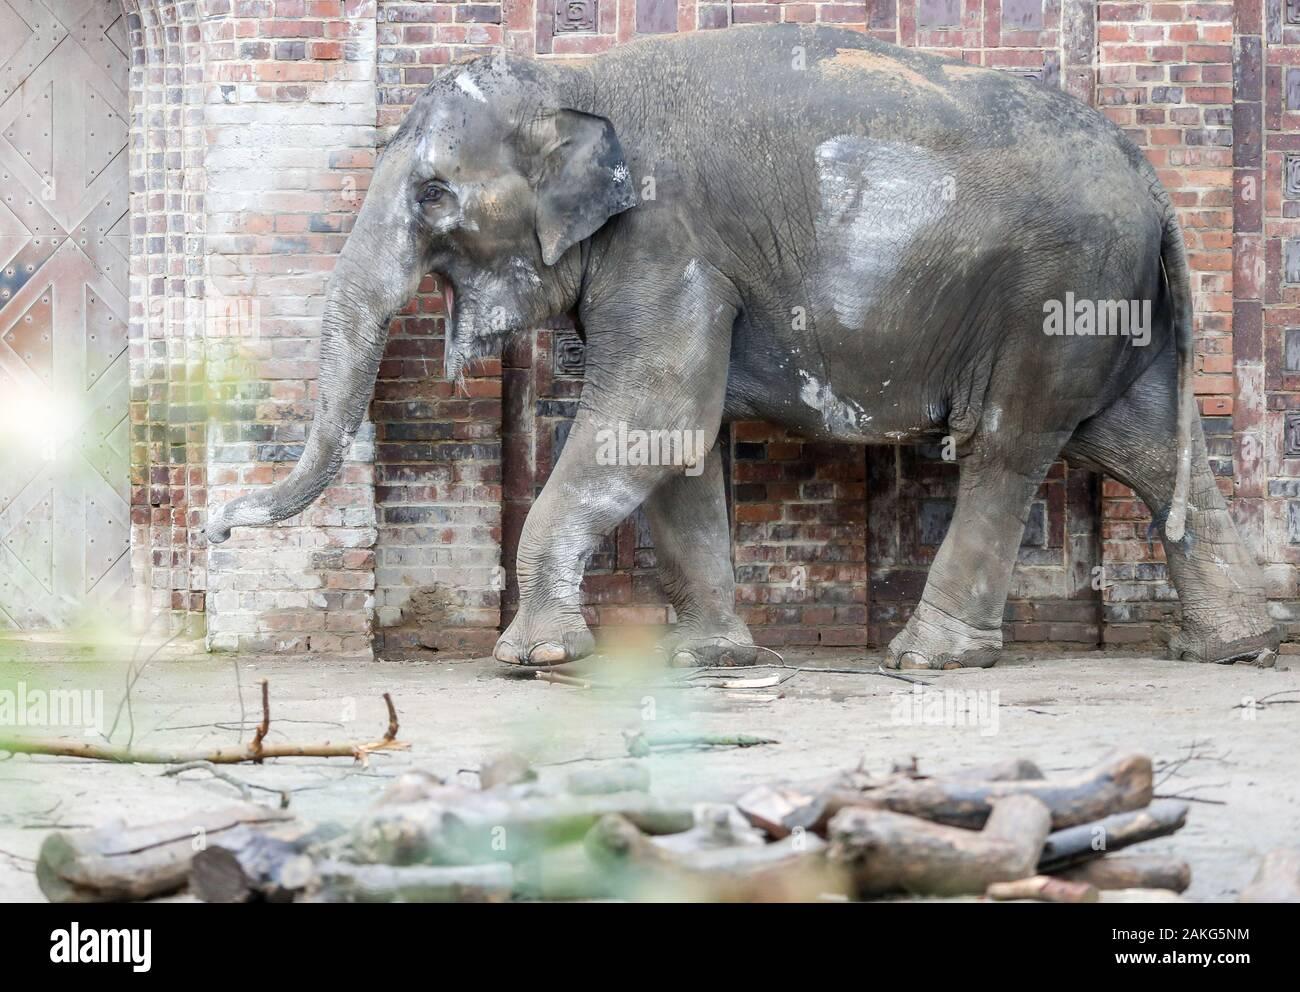 elefanten schwanger 2020